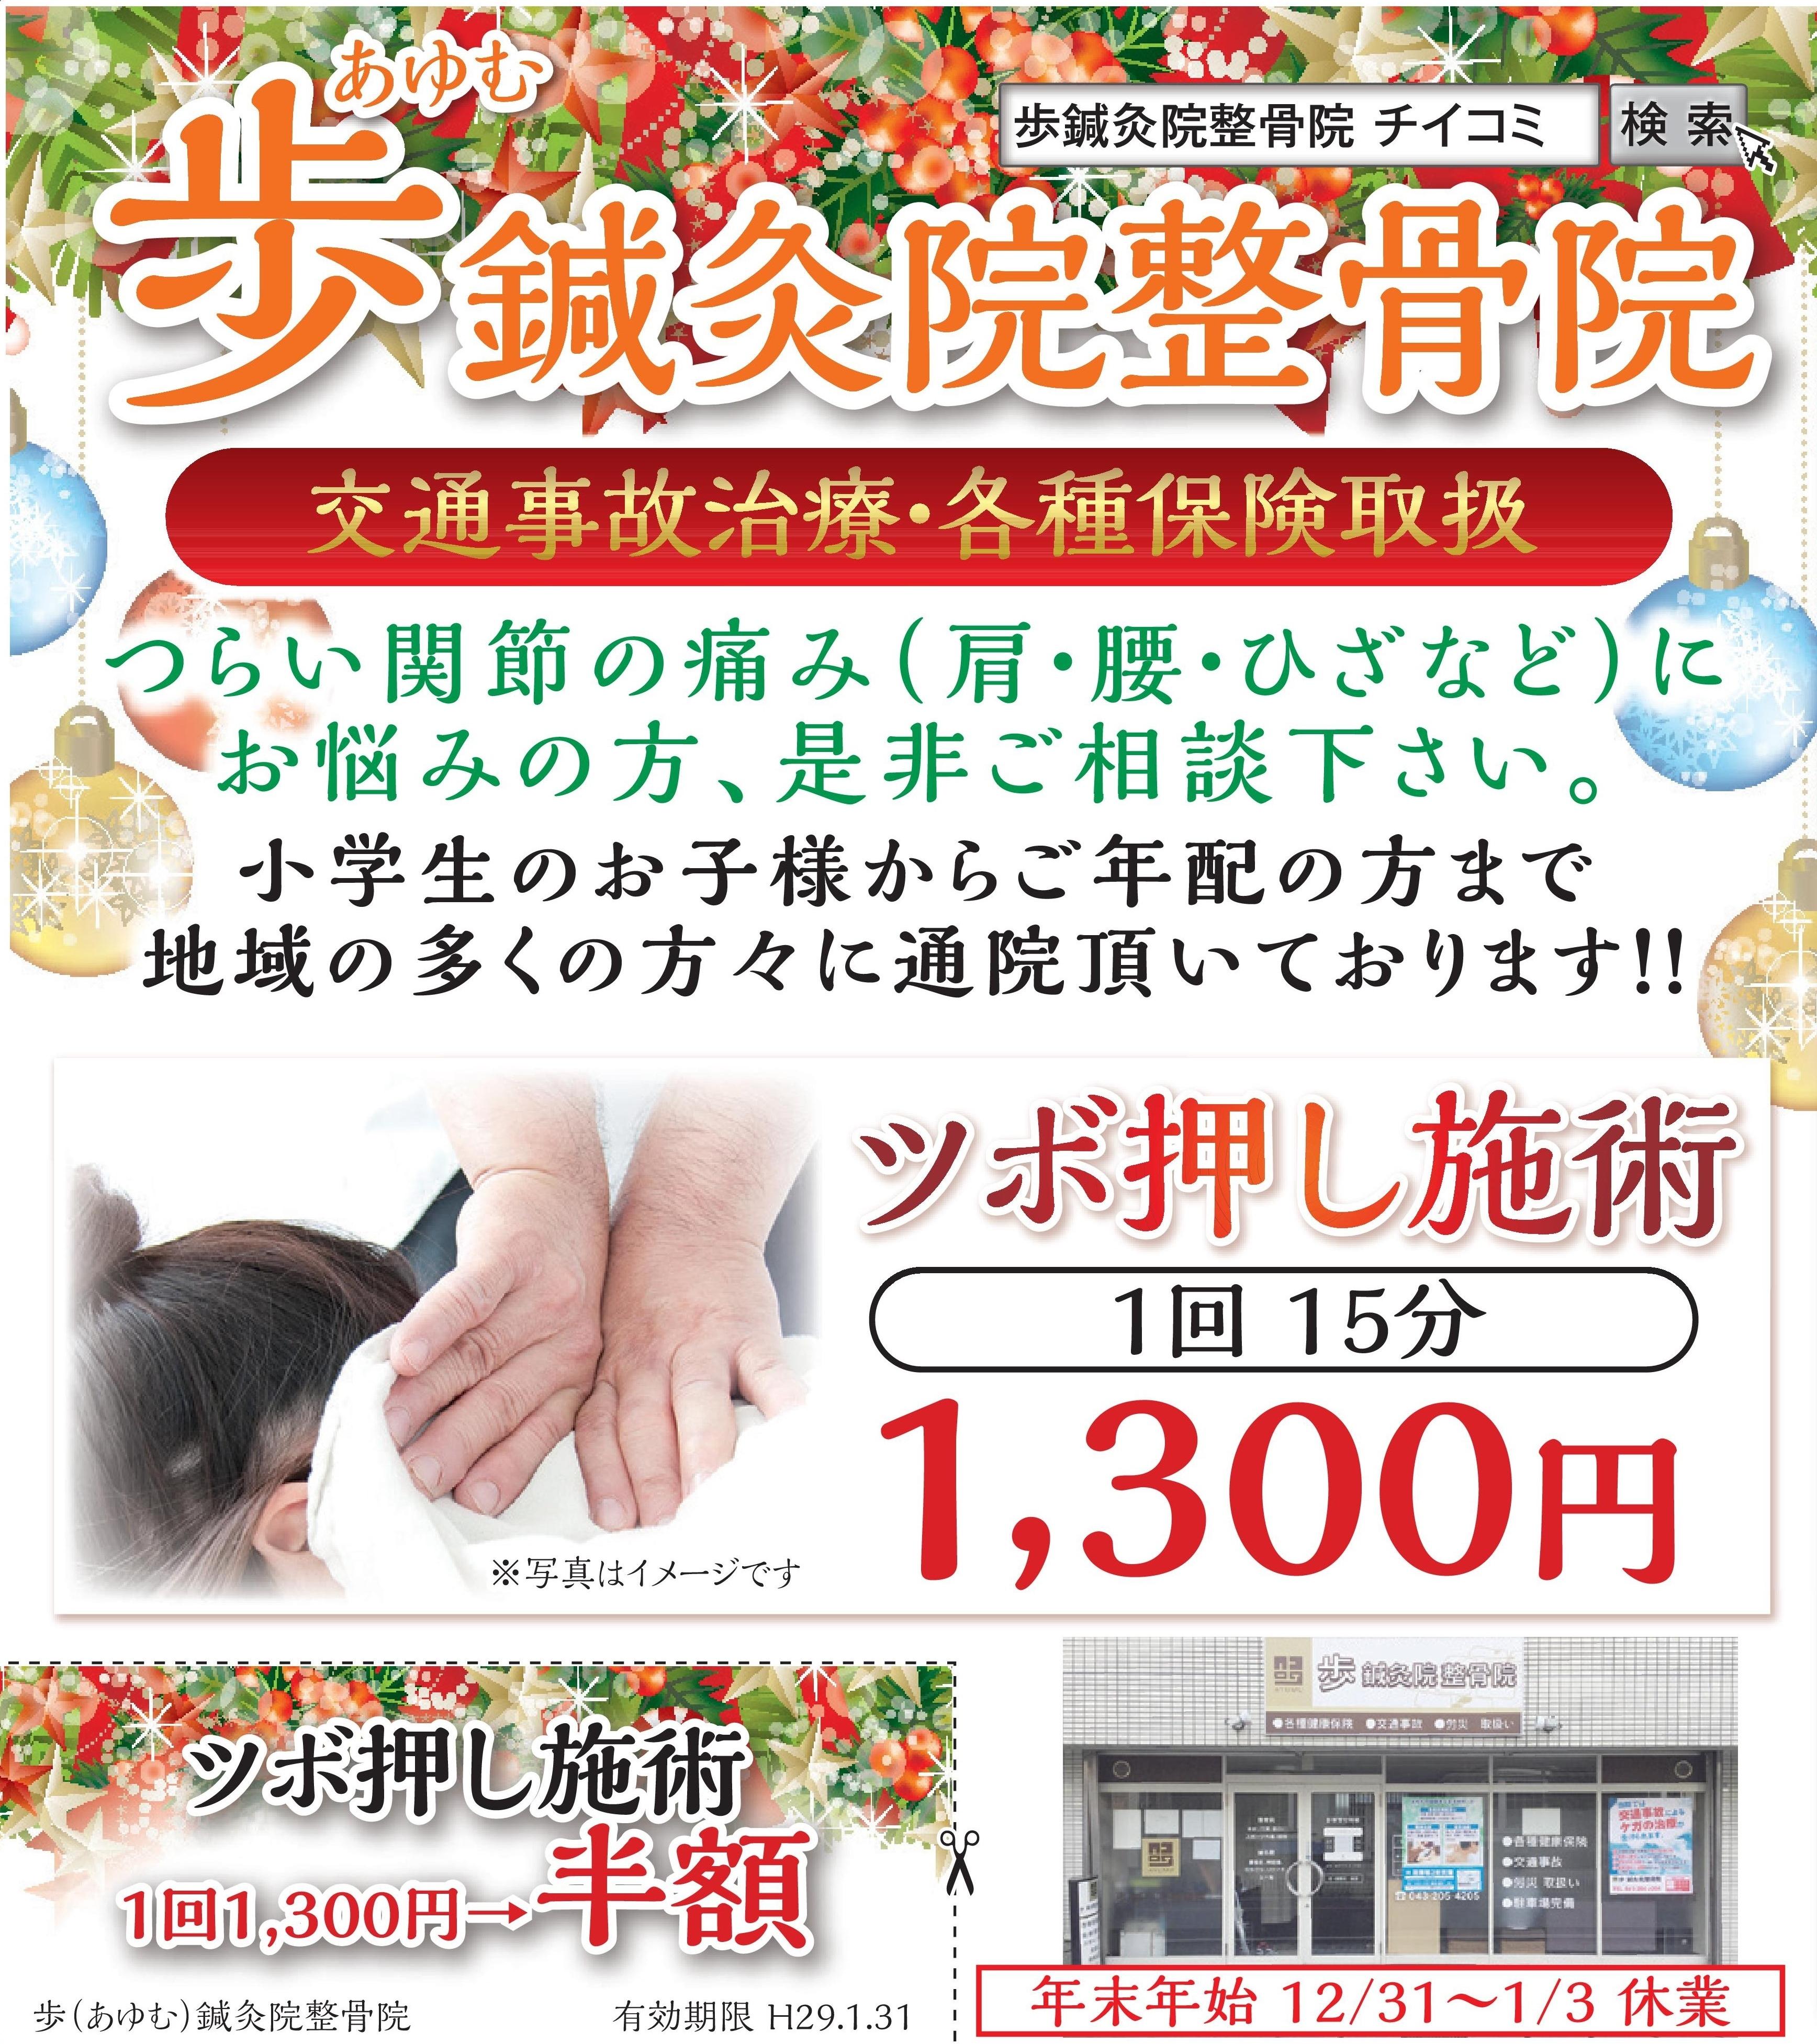 【12/23号ちいき新聞】歩鍼灸院整骨院の広告が掲載されてます!